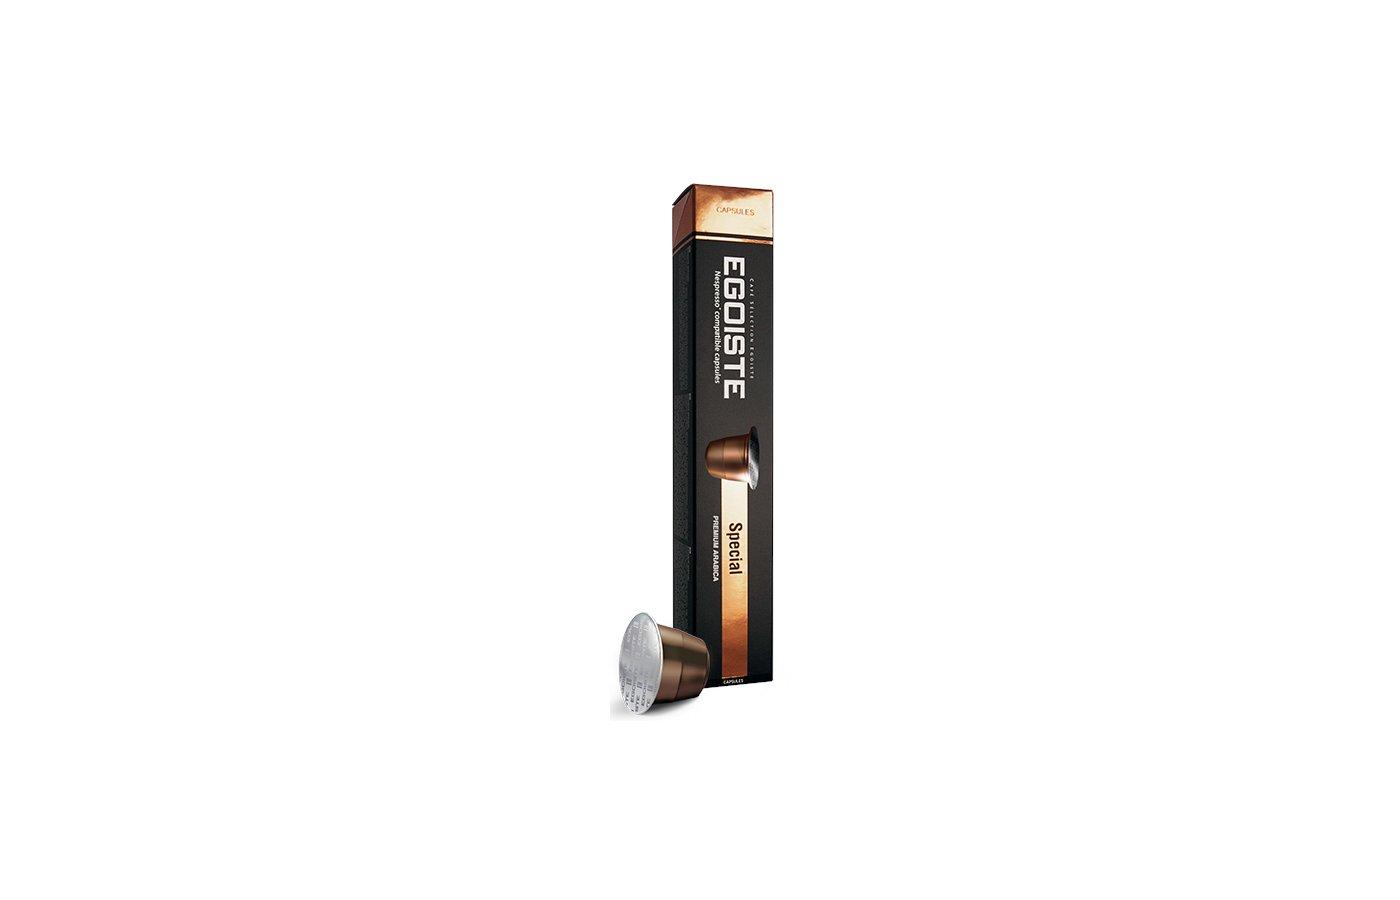 капсулы для кофеварок Egoiste Special 5г.